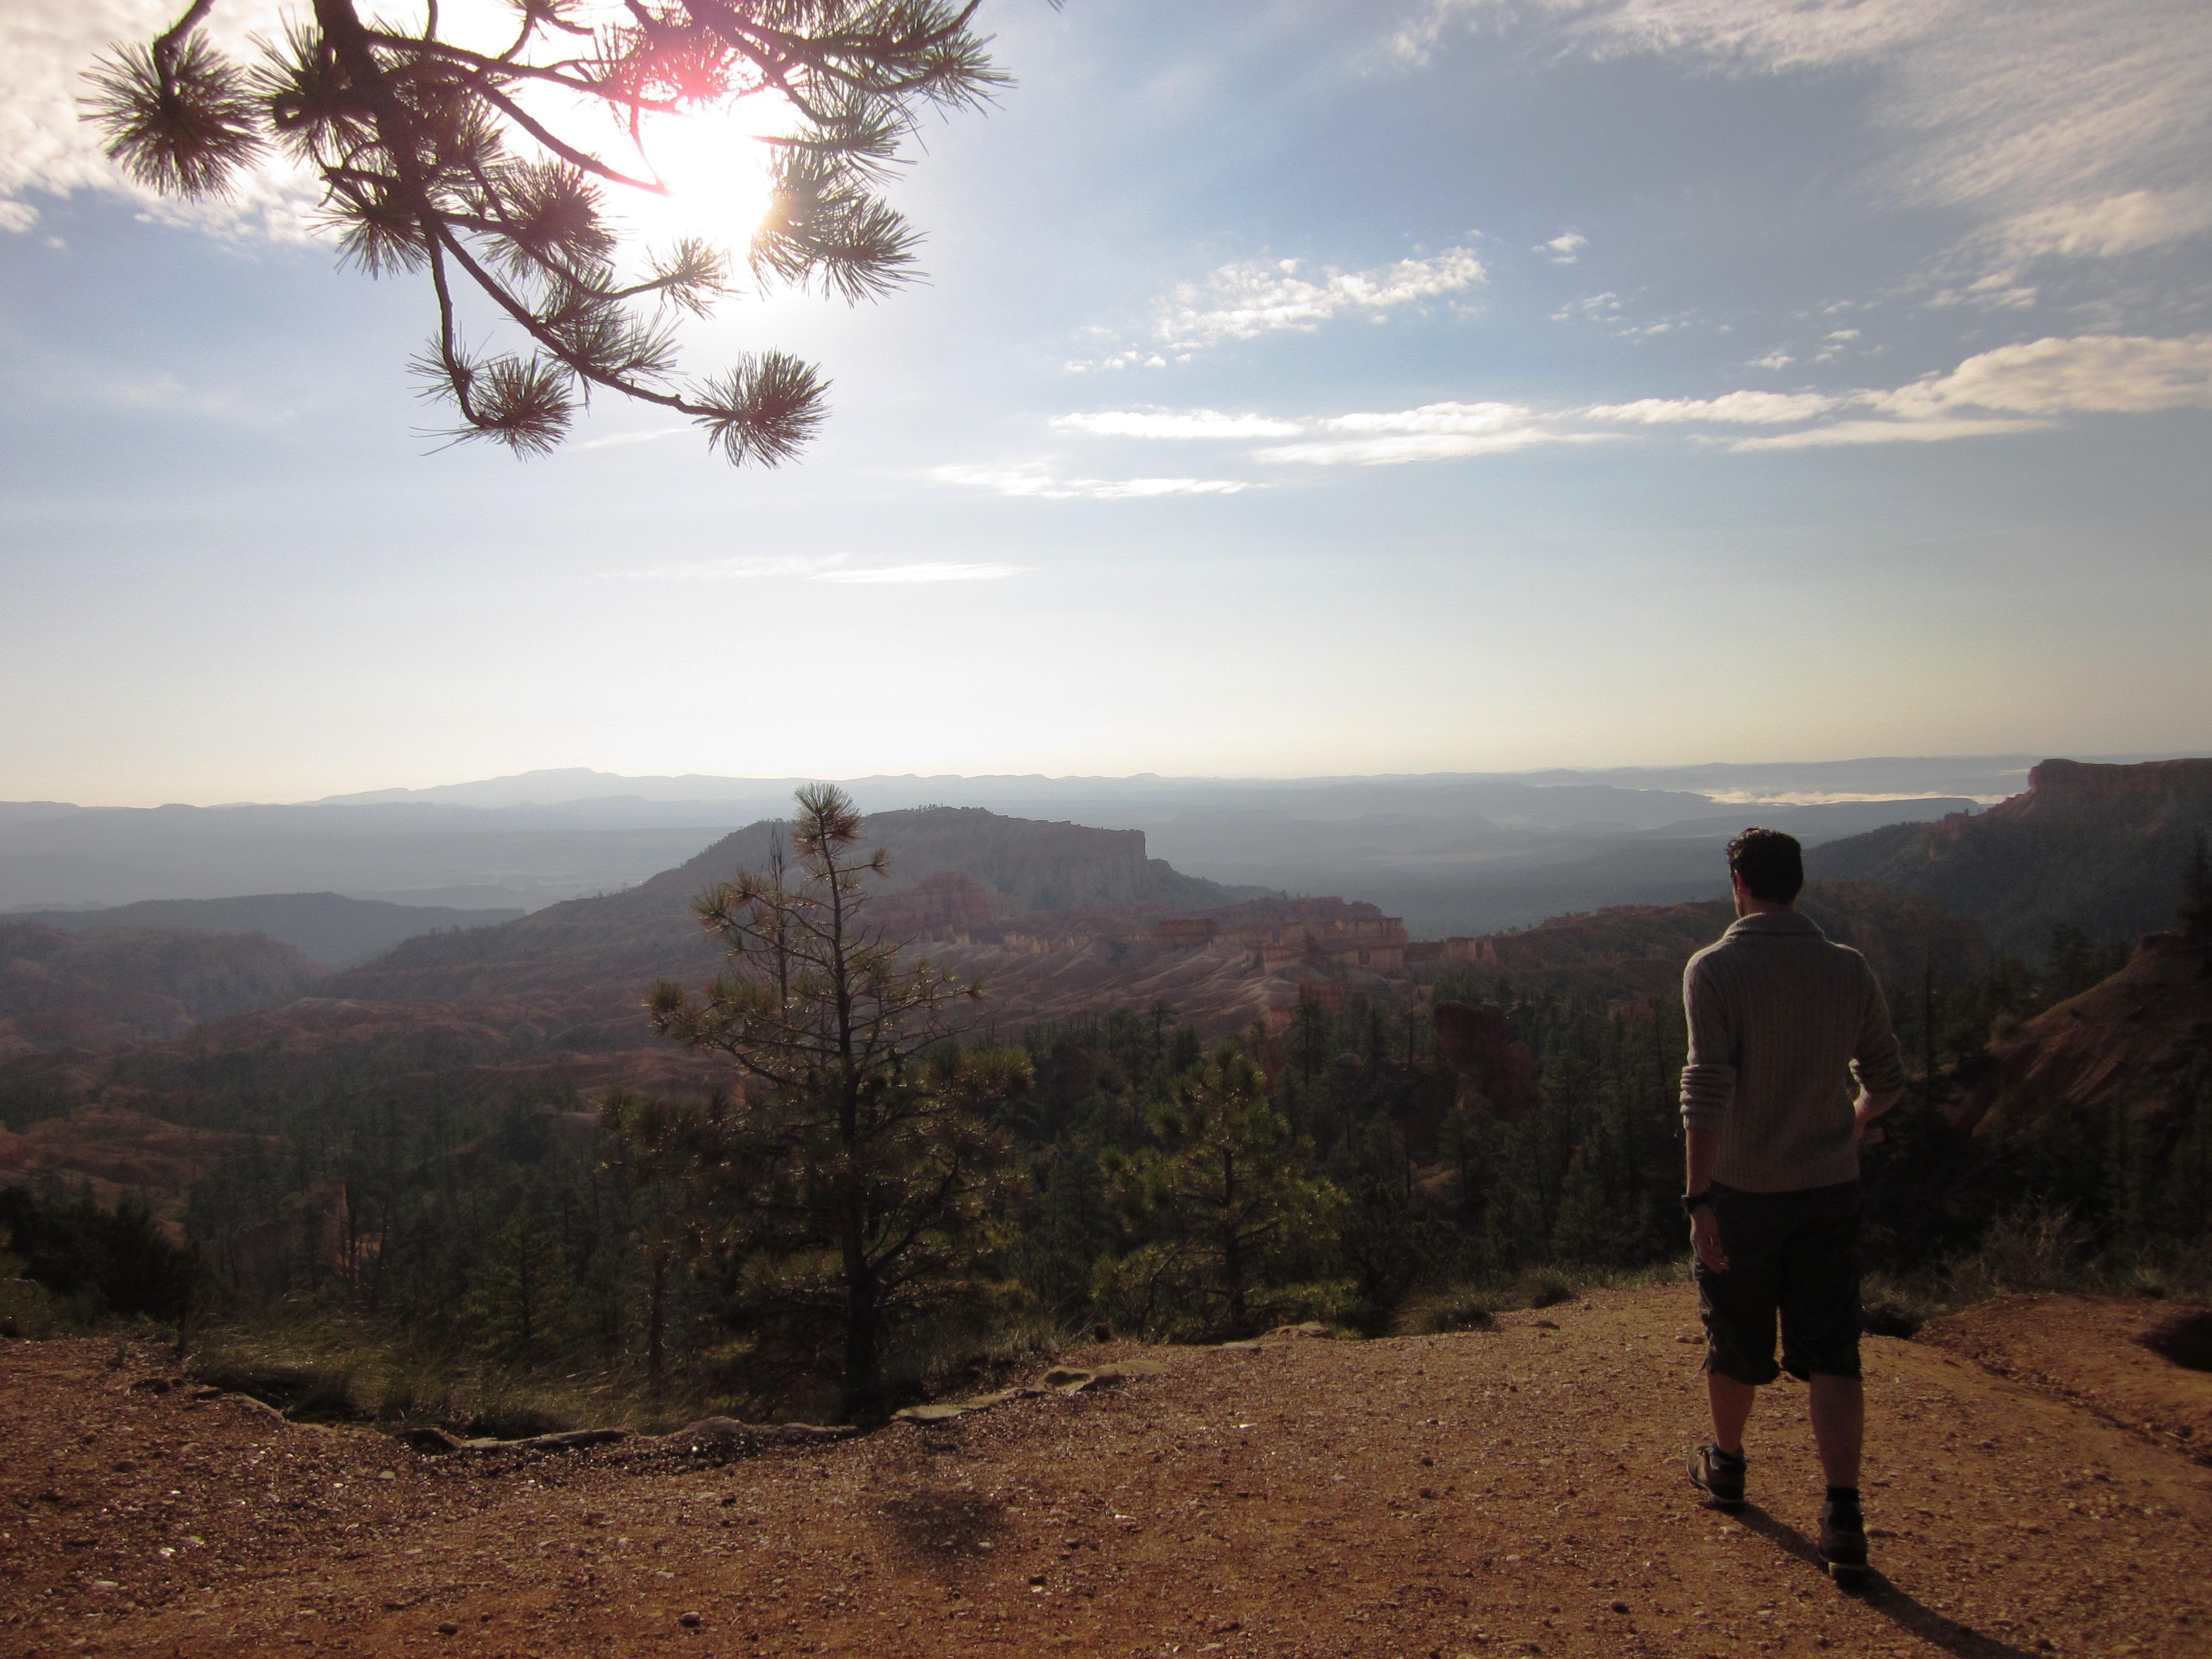 Hiken in Amerika: hoe bereid je je goed voor?